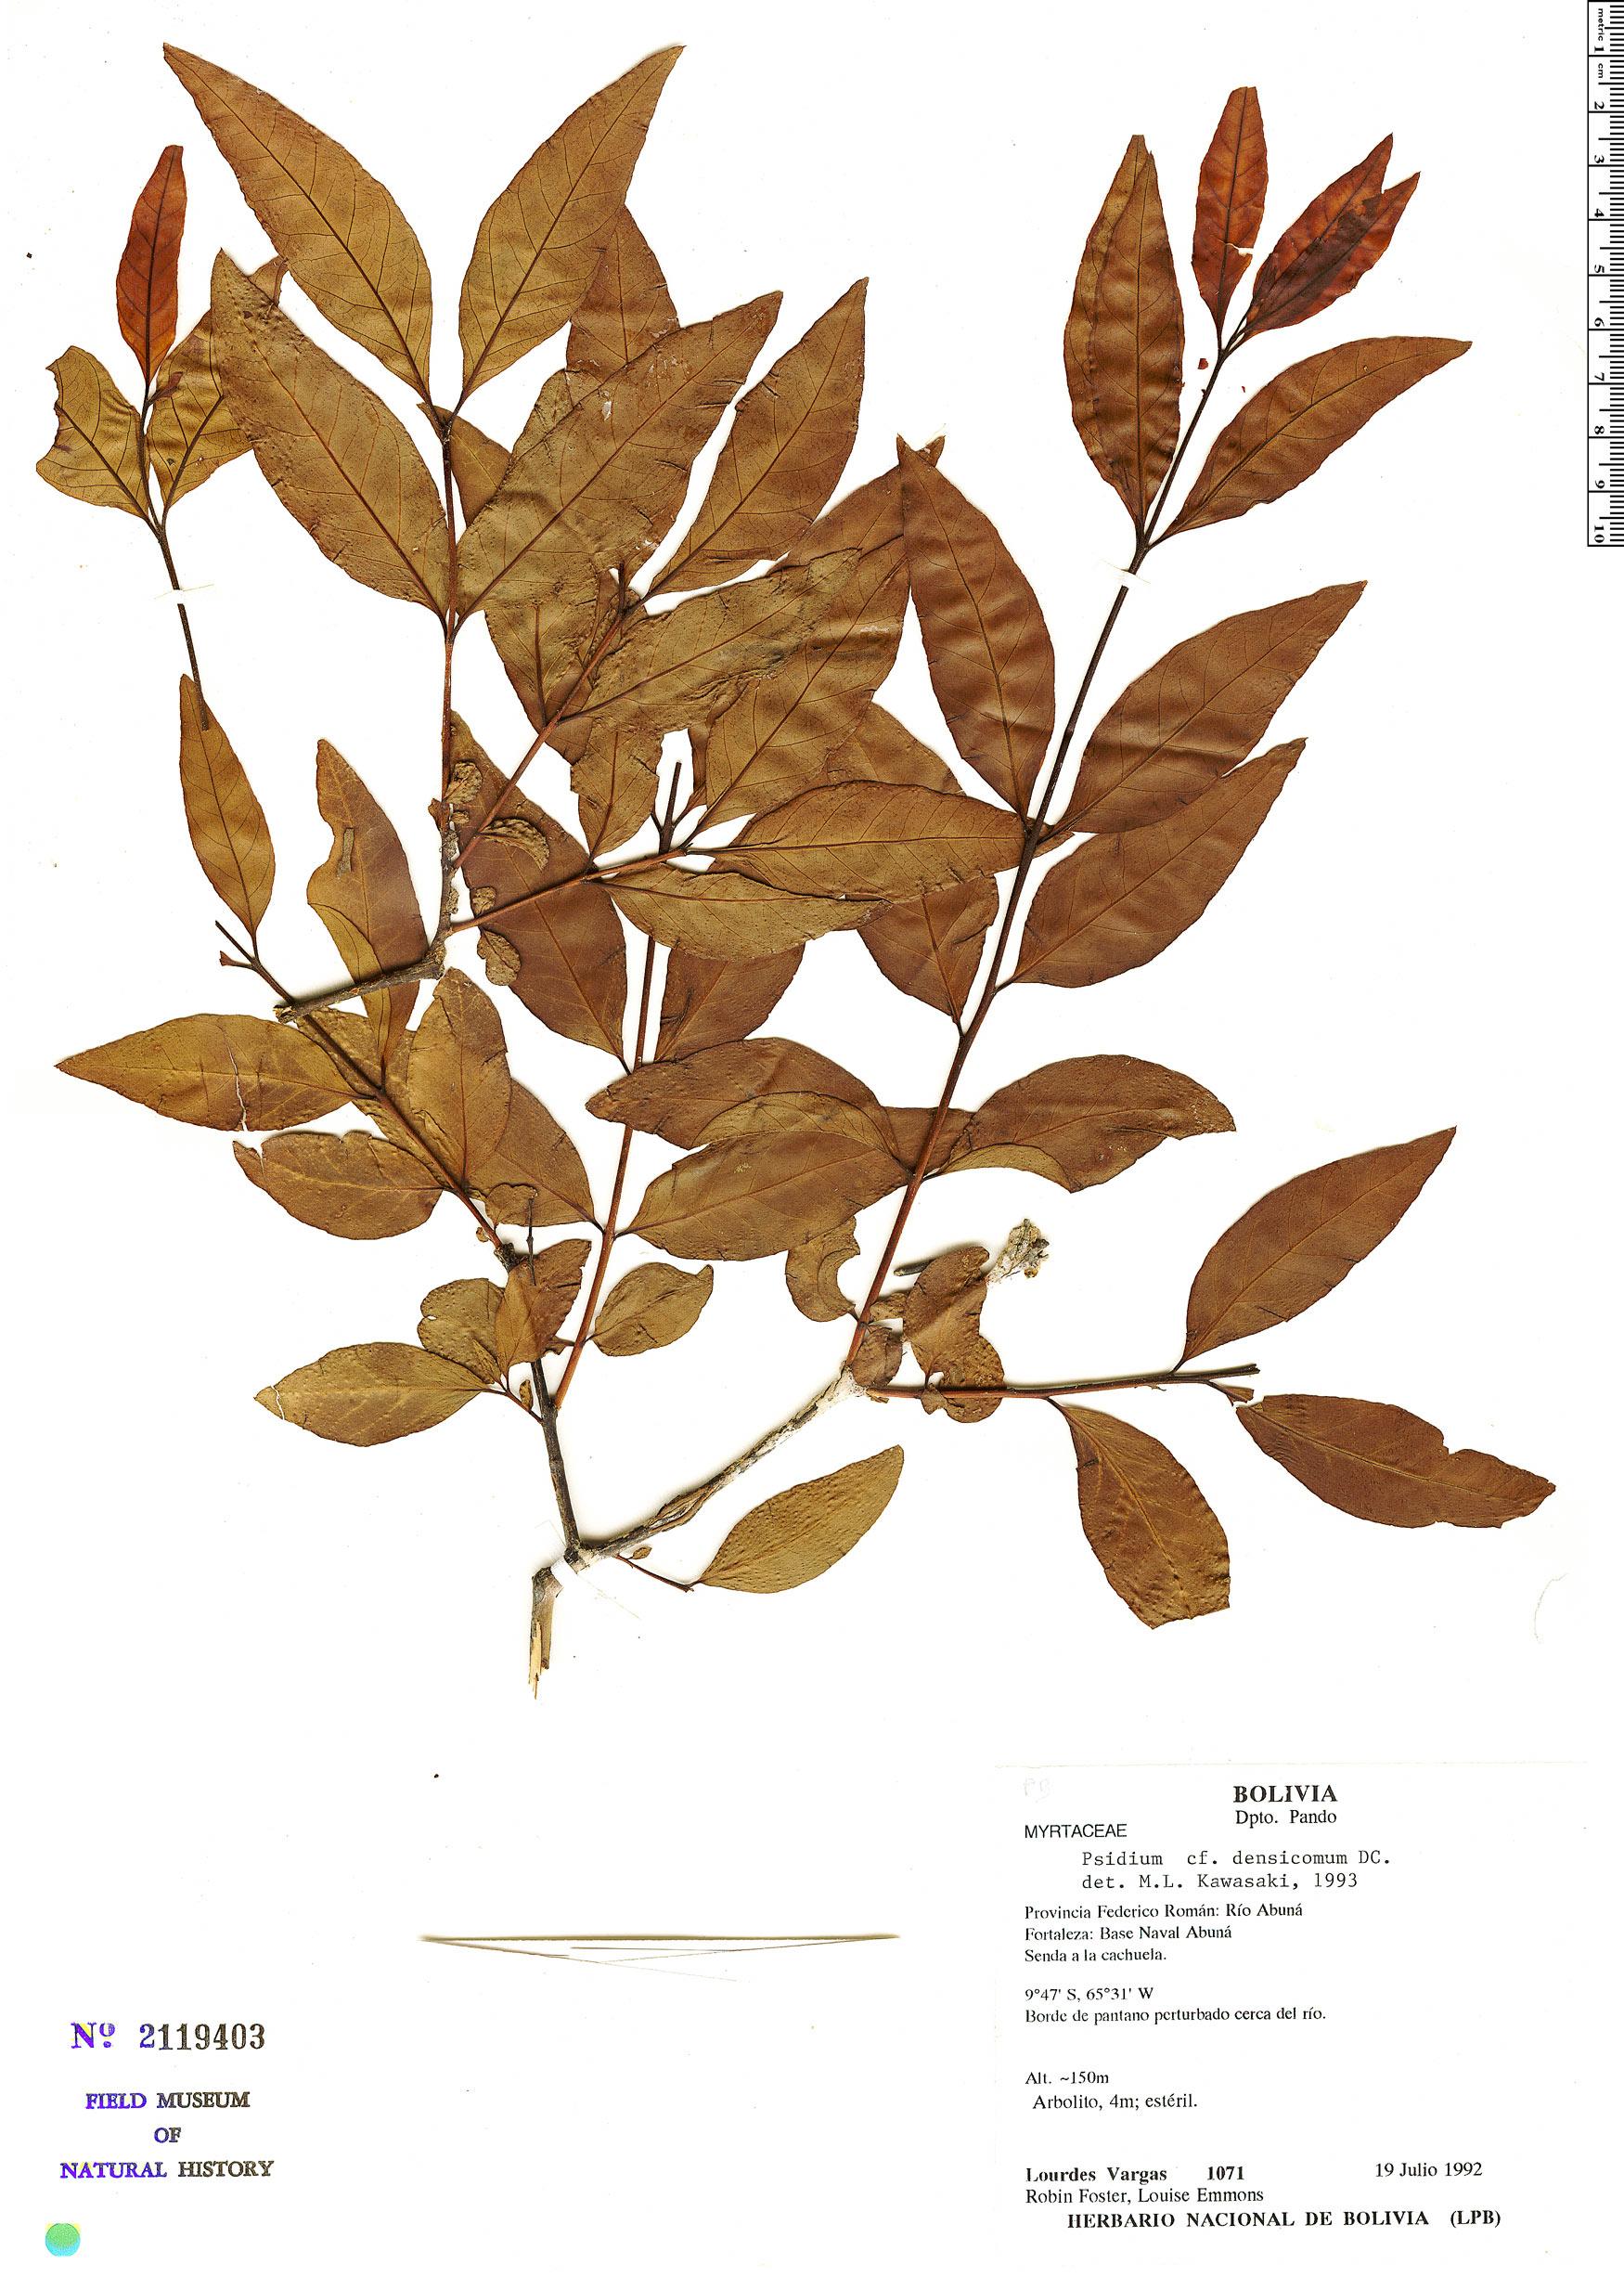 Espécimen: Psidium densicomum